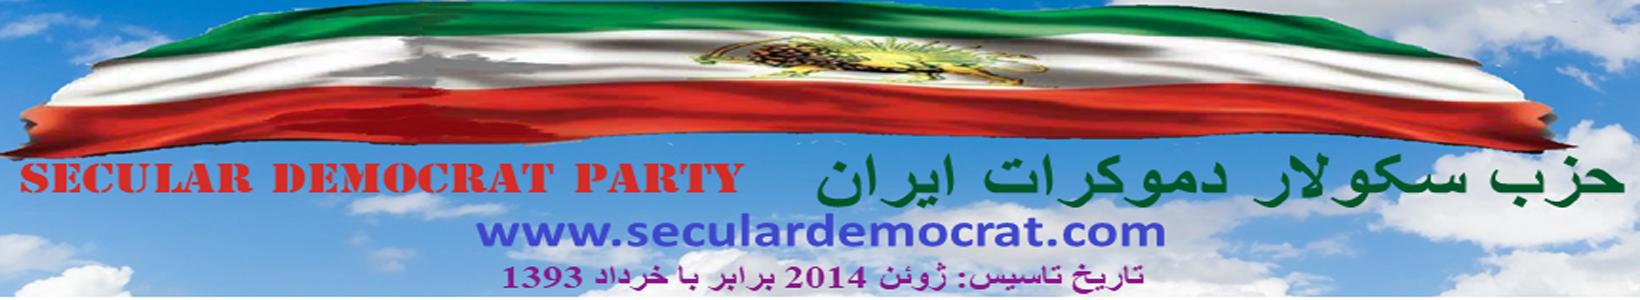 حزب سکولار دمکرات ایران، تاسیس ژوئن 2014 (خرداد 1393)